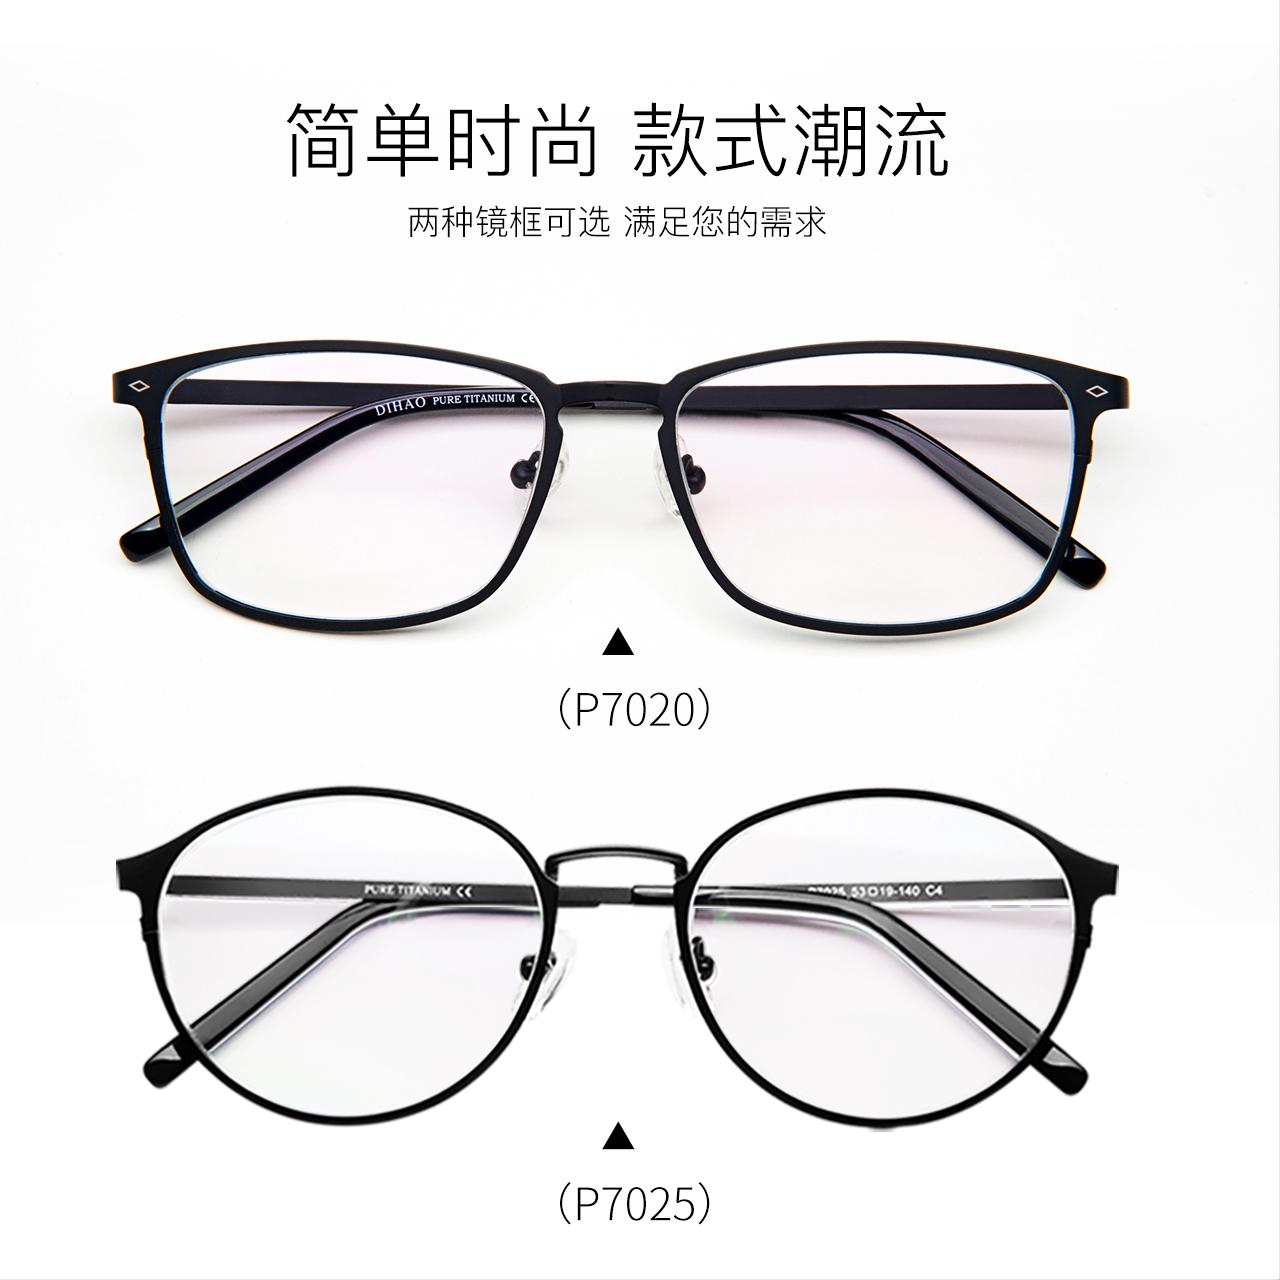 乐申近视眼镜男潮可配有度数纯钛超轻商务眼睛架女全框黑色眼镜框